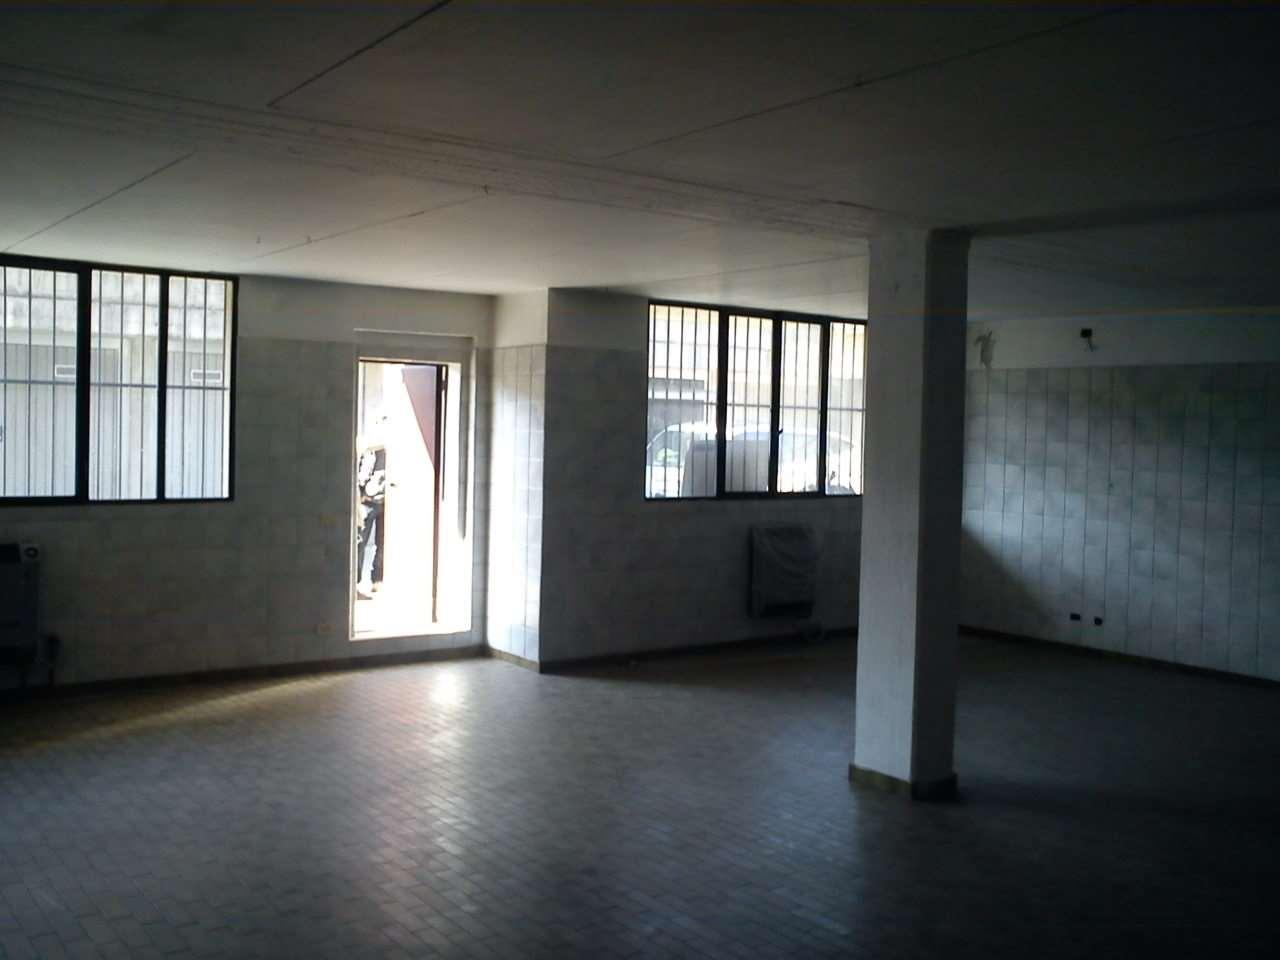 Laboratorio in vendita a Comun Nuovo, 1 locali, prezzo € 55.000 | CambioCasa.it